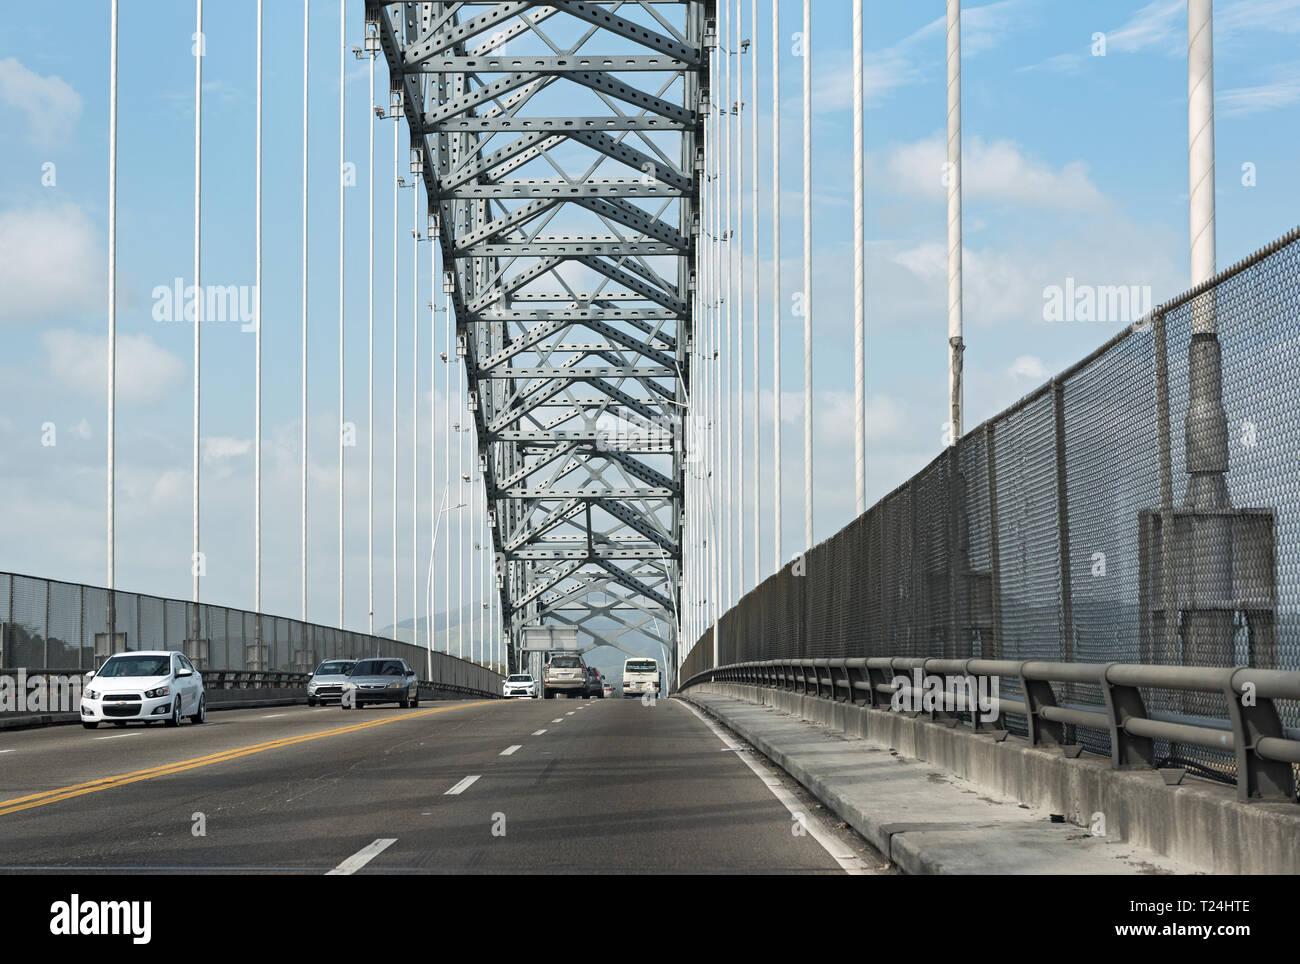 Il traffico stradale sul ponte delle americhe ingresso al canale di Panama a ovest della città di Panama Panama Immagini Stock